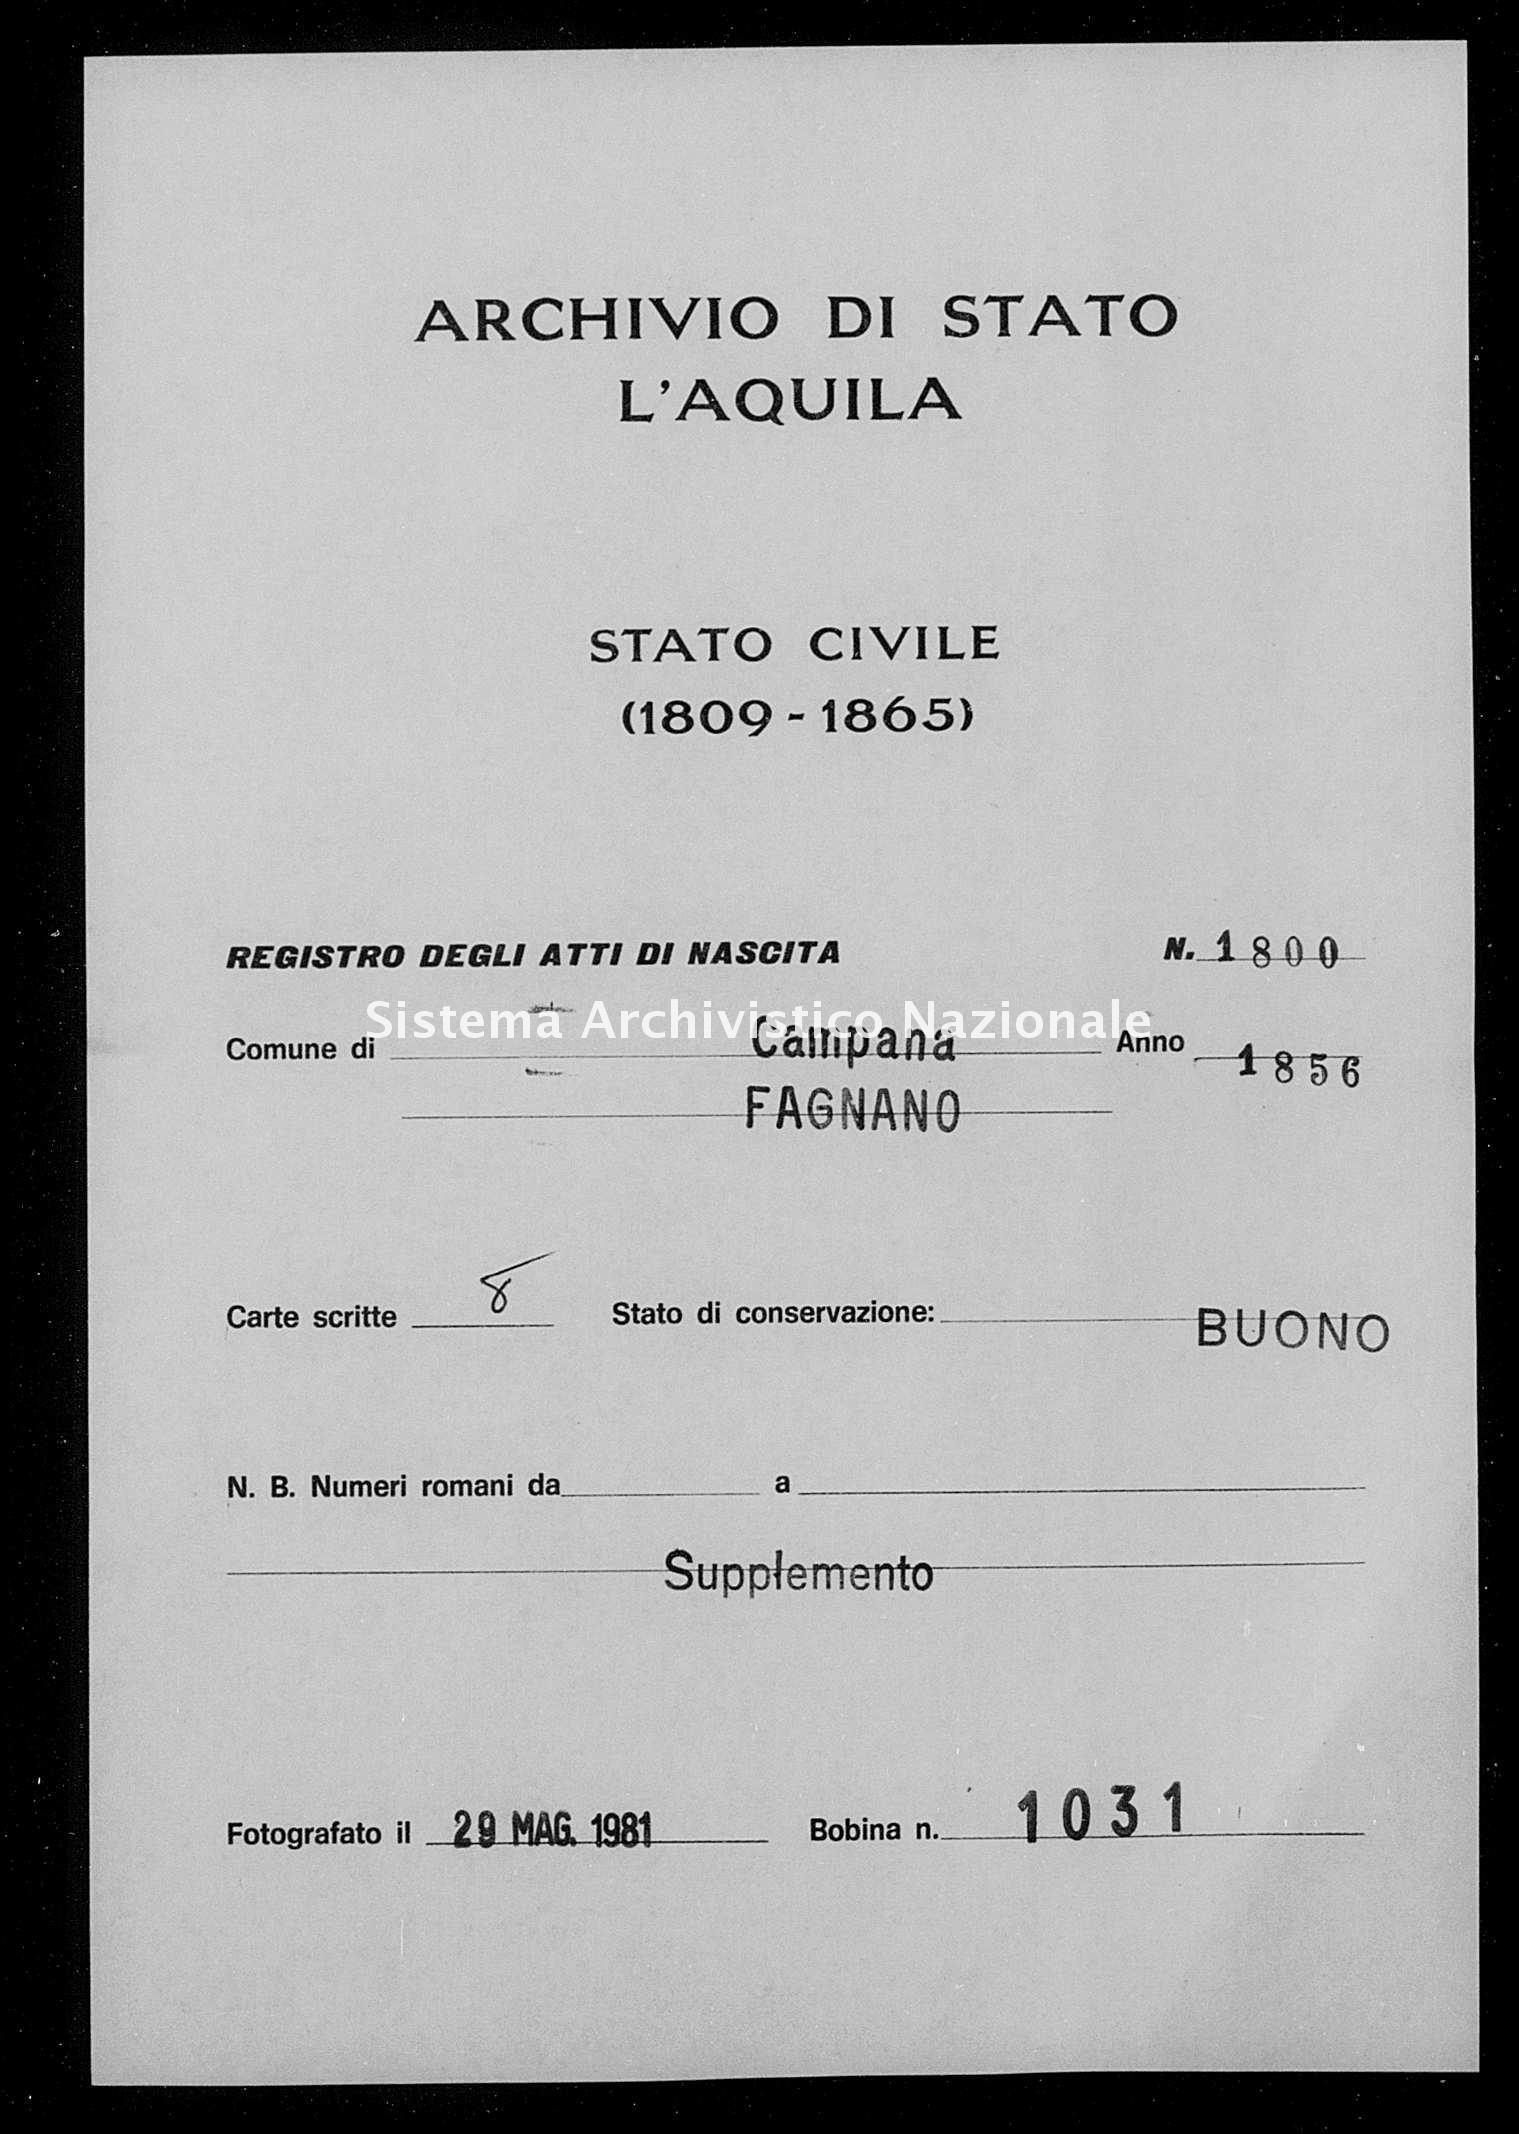 Archivio di stato di L'aquila - Stato civile della restaurazione - Campana - Nati, battesimi - 1856 - 1800 -